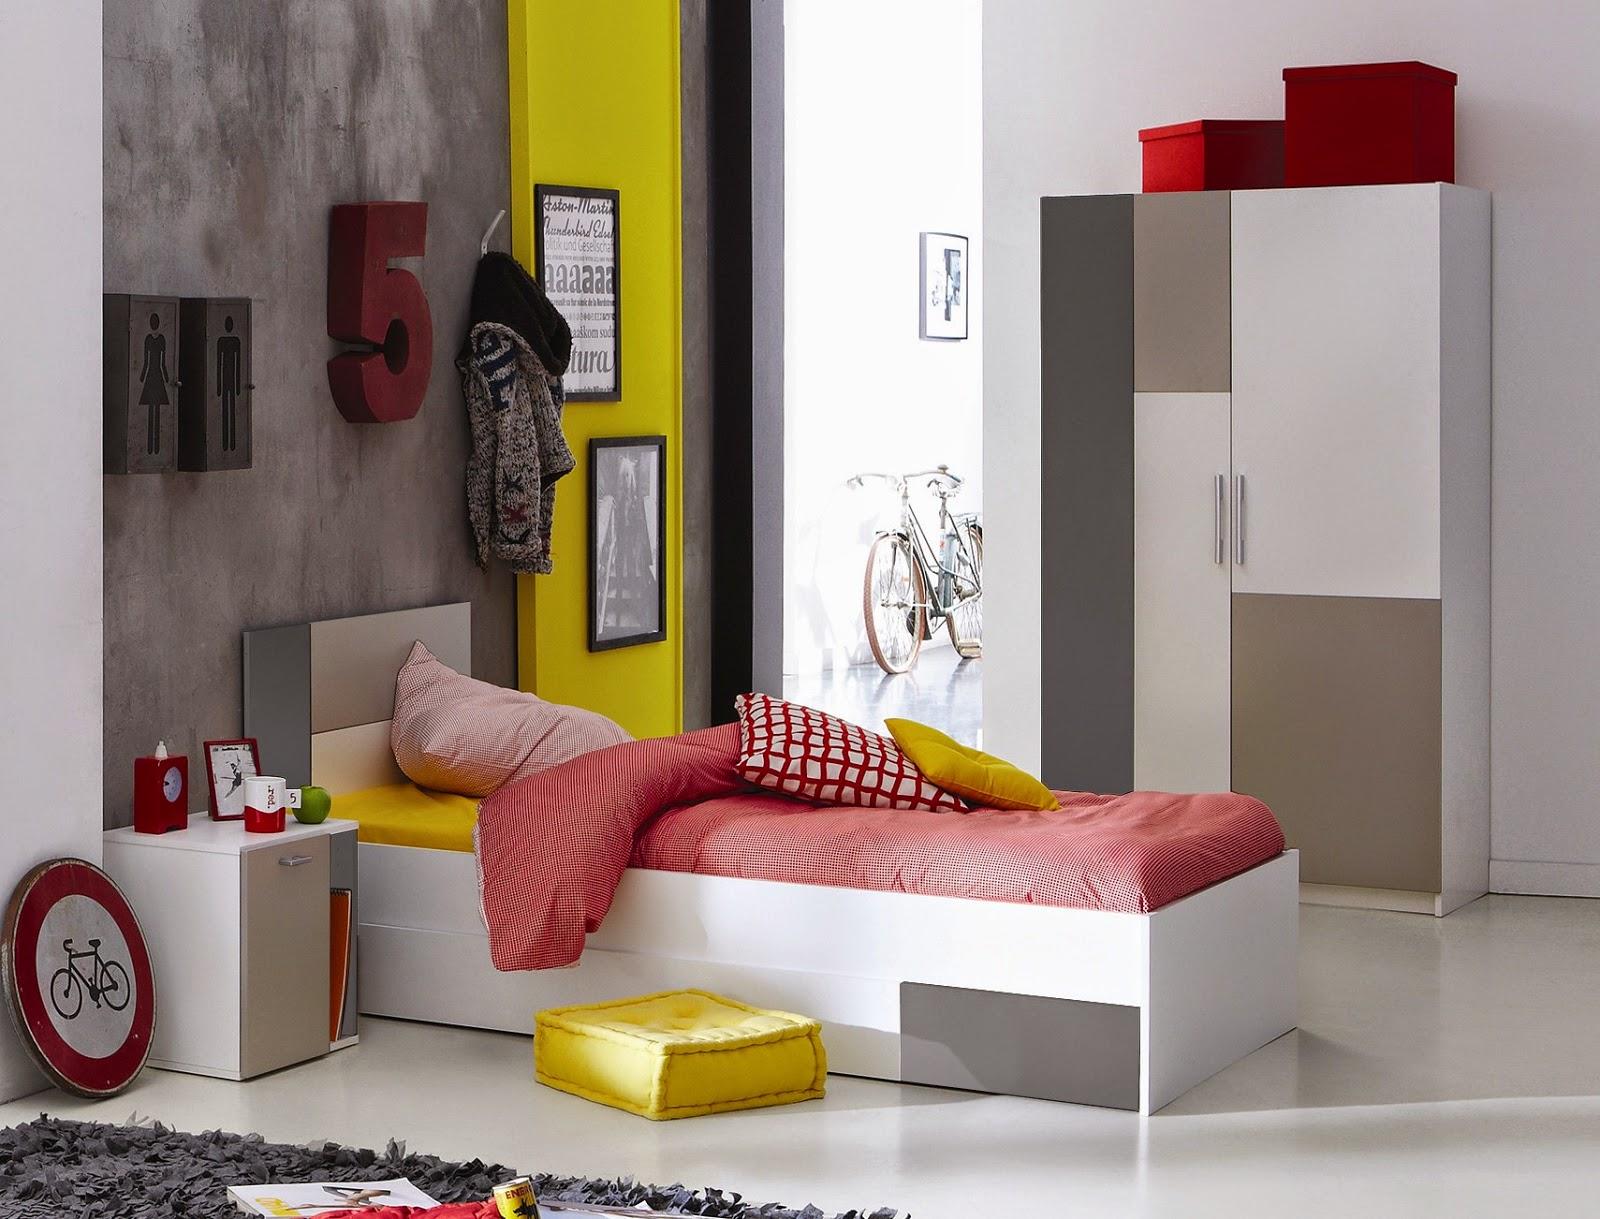 Habitaciones juveniles modernas dormitorios colores y for Roperos para dormitorios juveniles